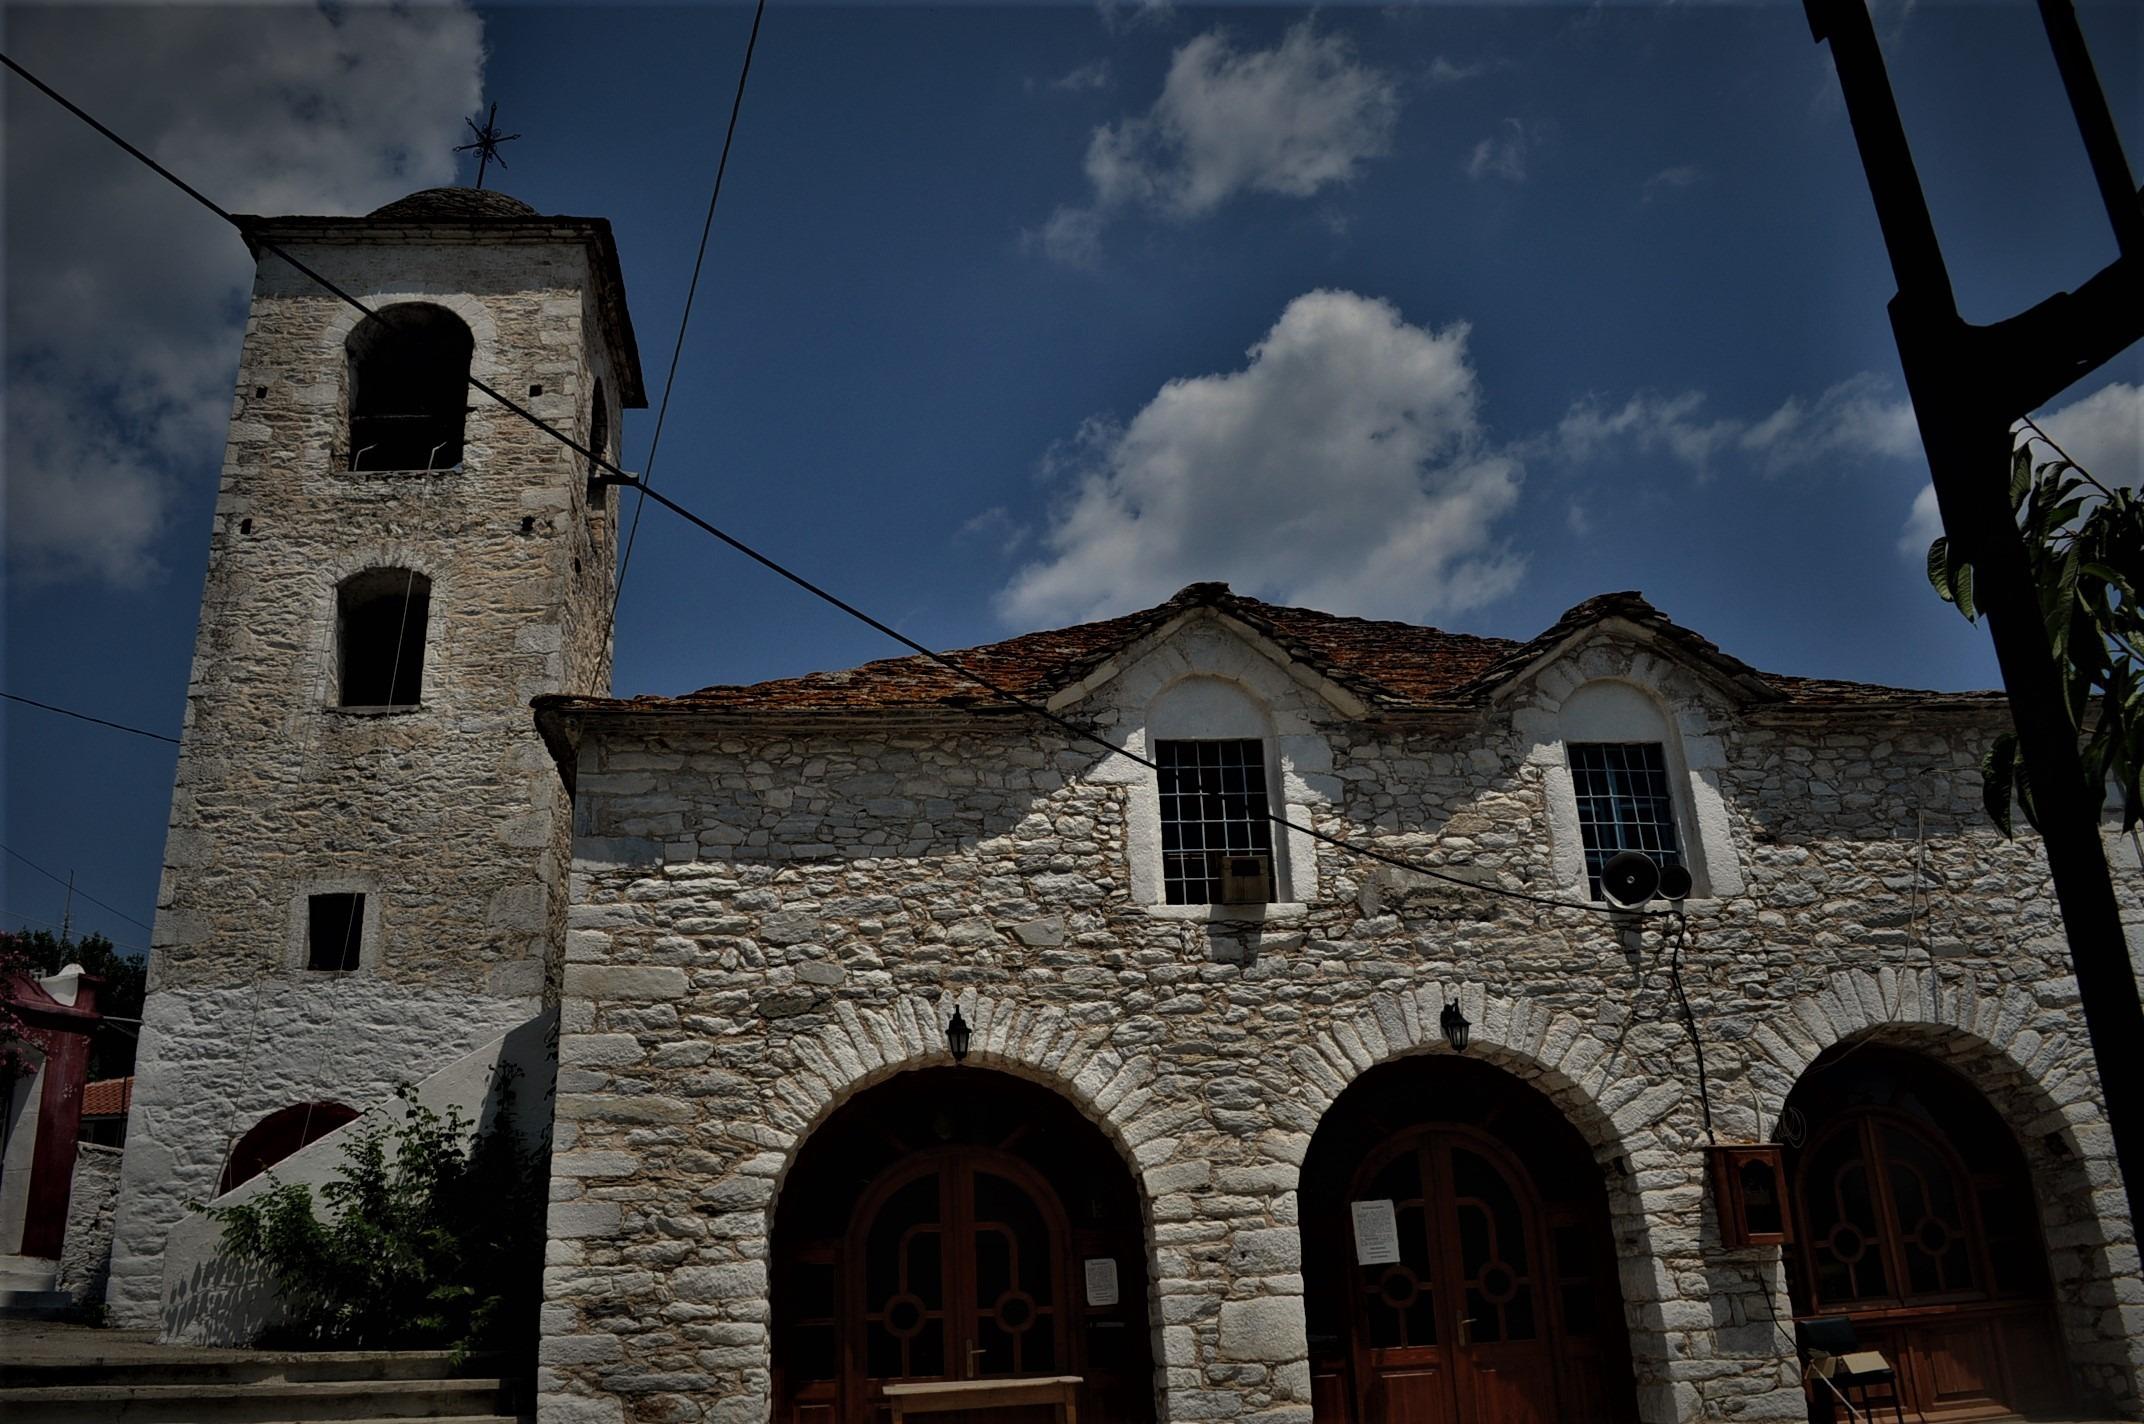 Предполага се, че е основано от бежанци през ХVІ в. след падането на Константинопол.